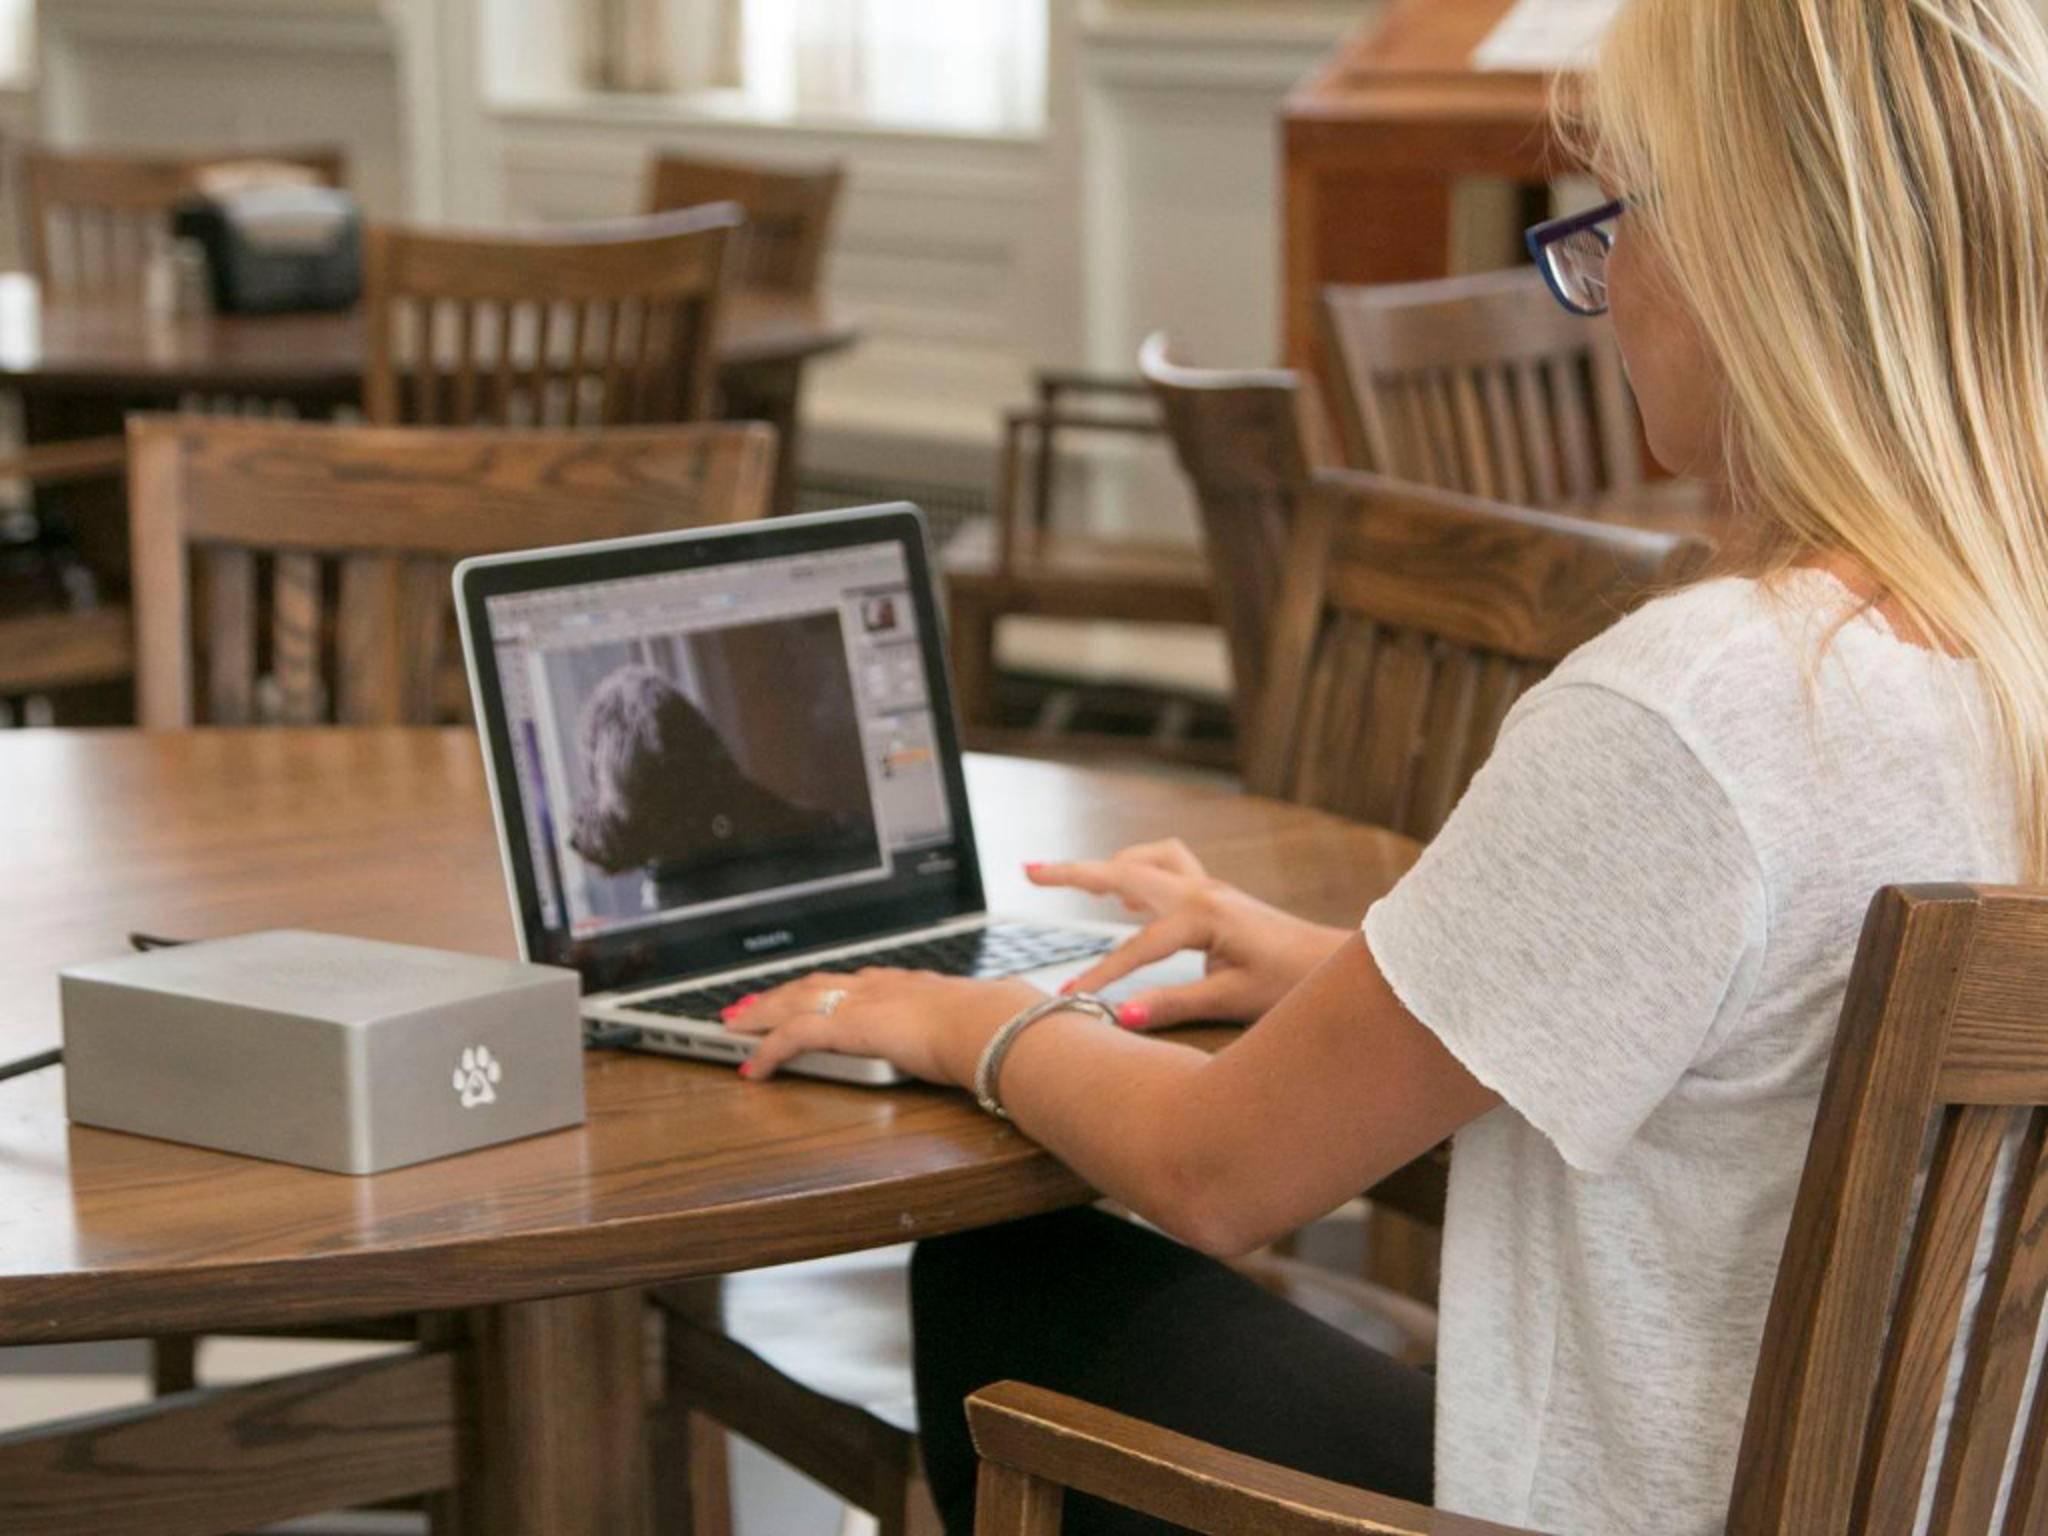 The Wolfe ist eine kleine GPU-Box, die an den Laptop angeschlossen wird.